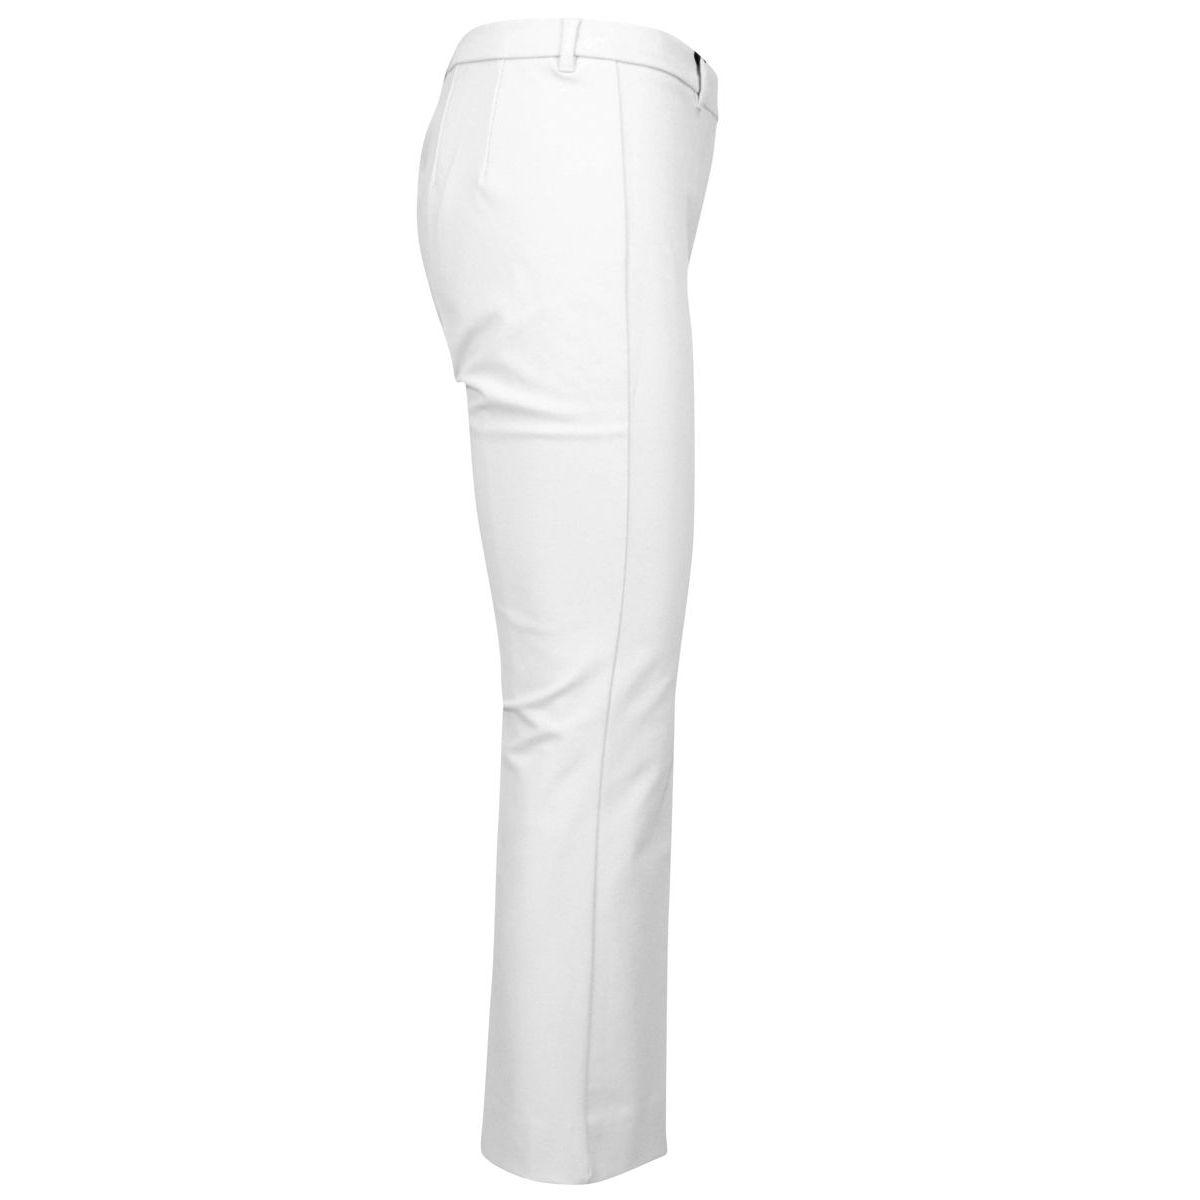 Men's trumpet trousers in cotton Cream S MAX MARA